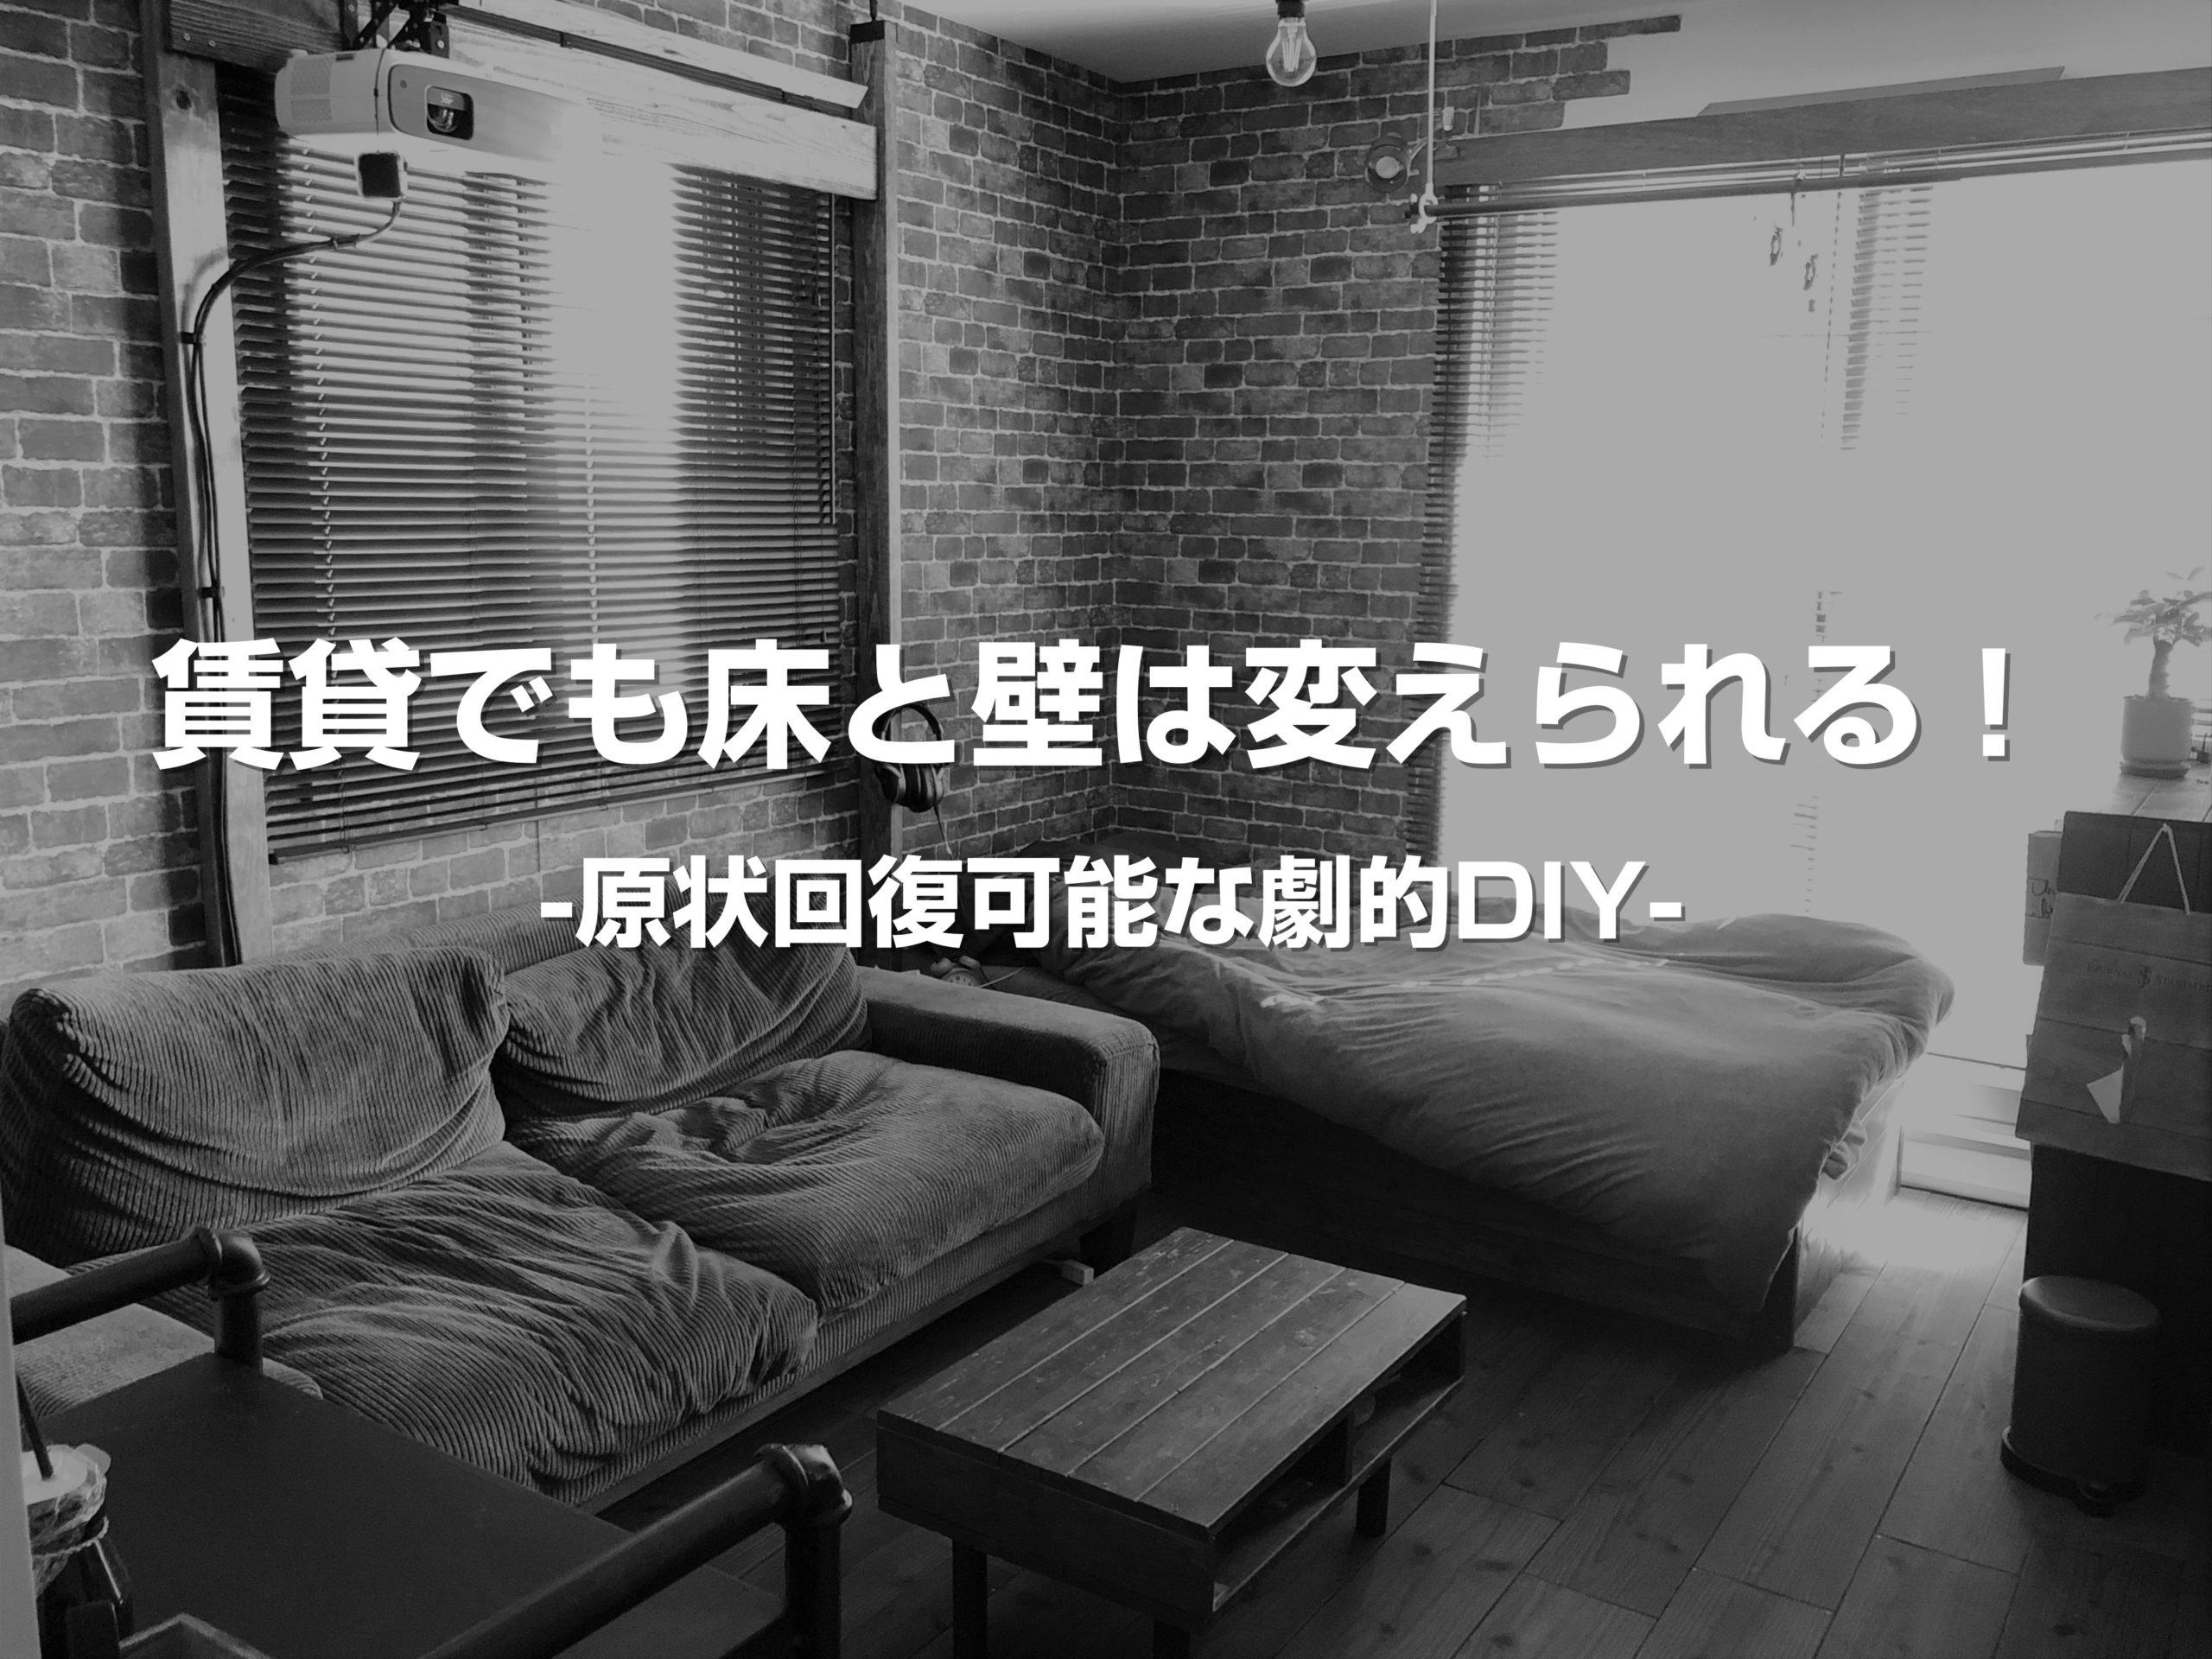 賃貸でも床と壁は変えられる!原状回復可能な劇的DIY